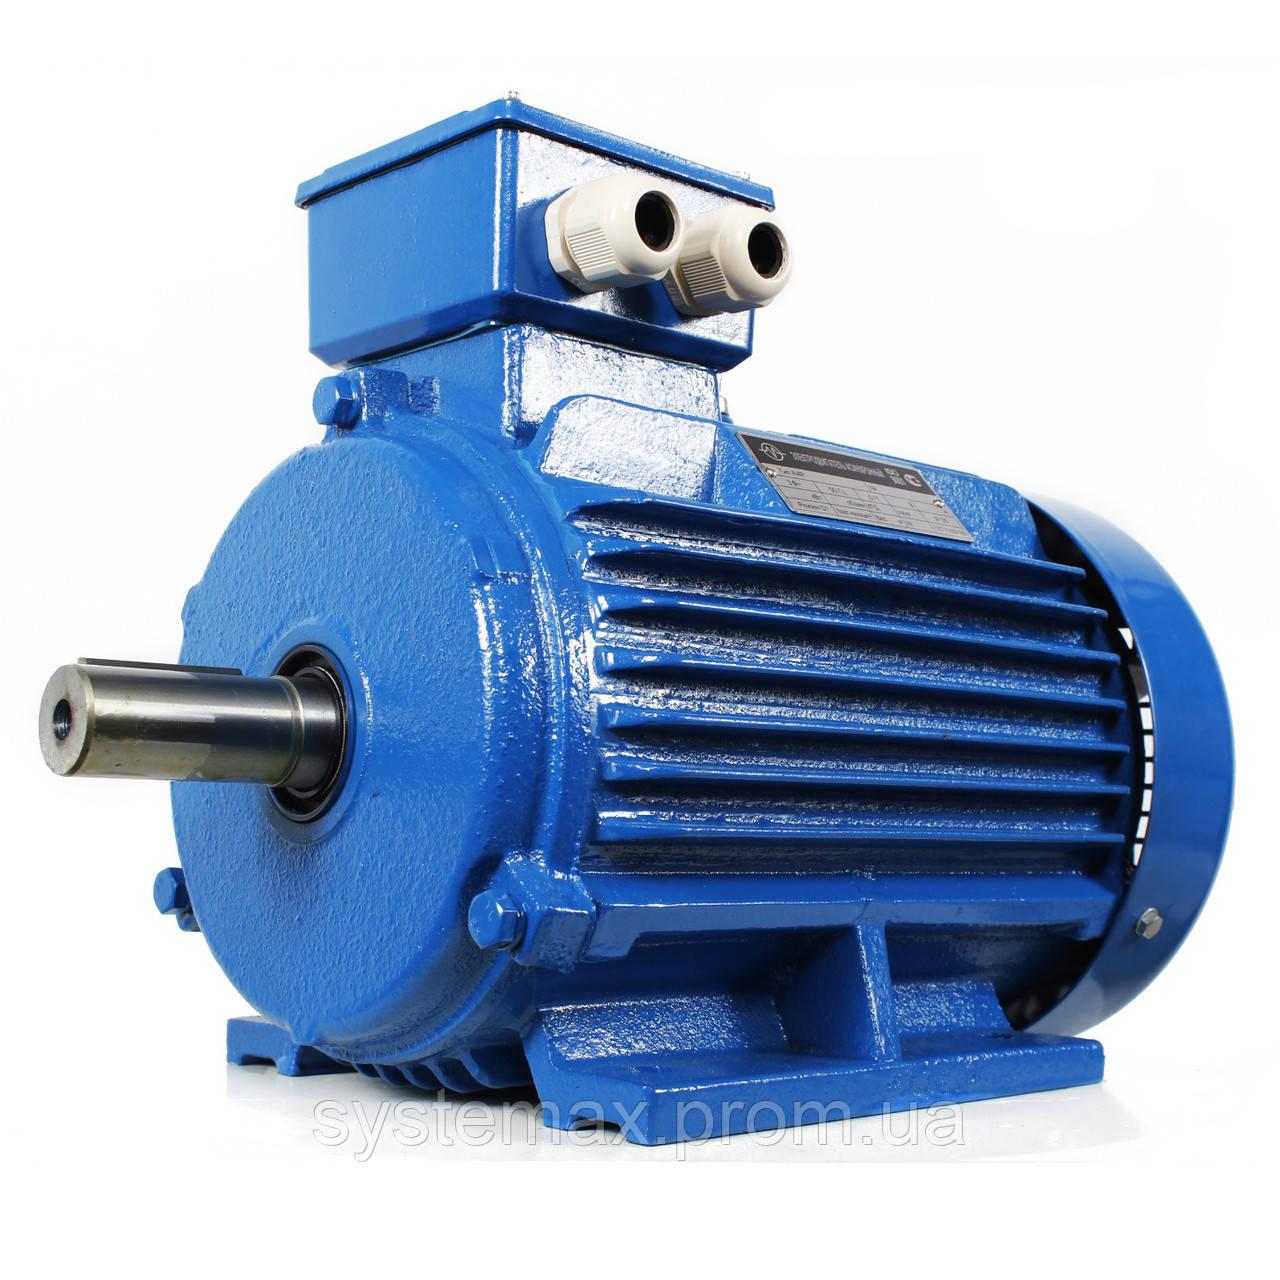 Електродвигун АИР160Ѕ8 (АІР 160 S8) 7,5 кВт, 750 об/хв